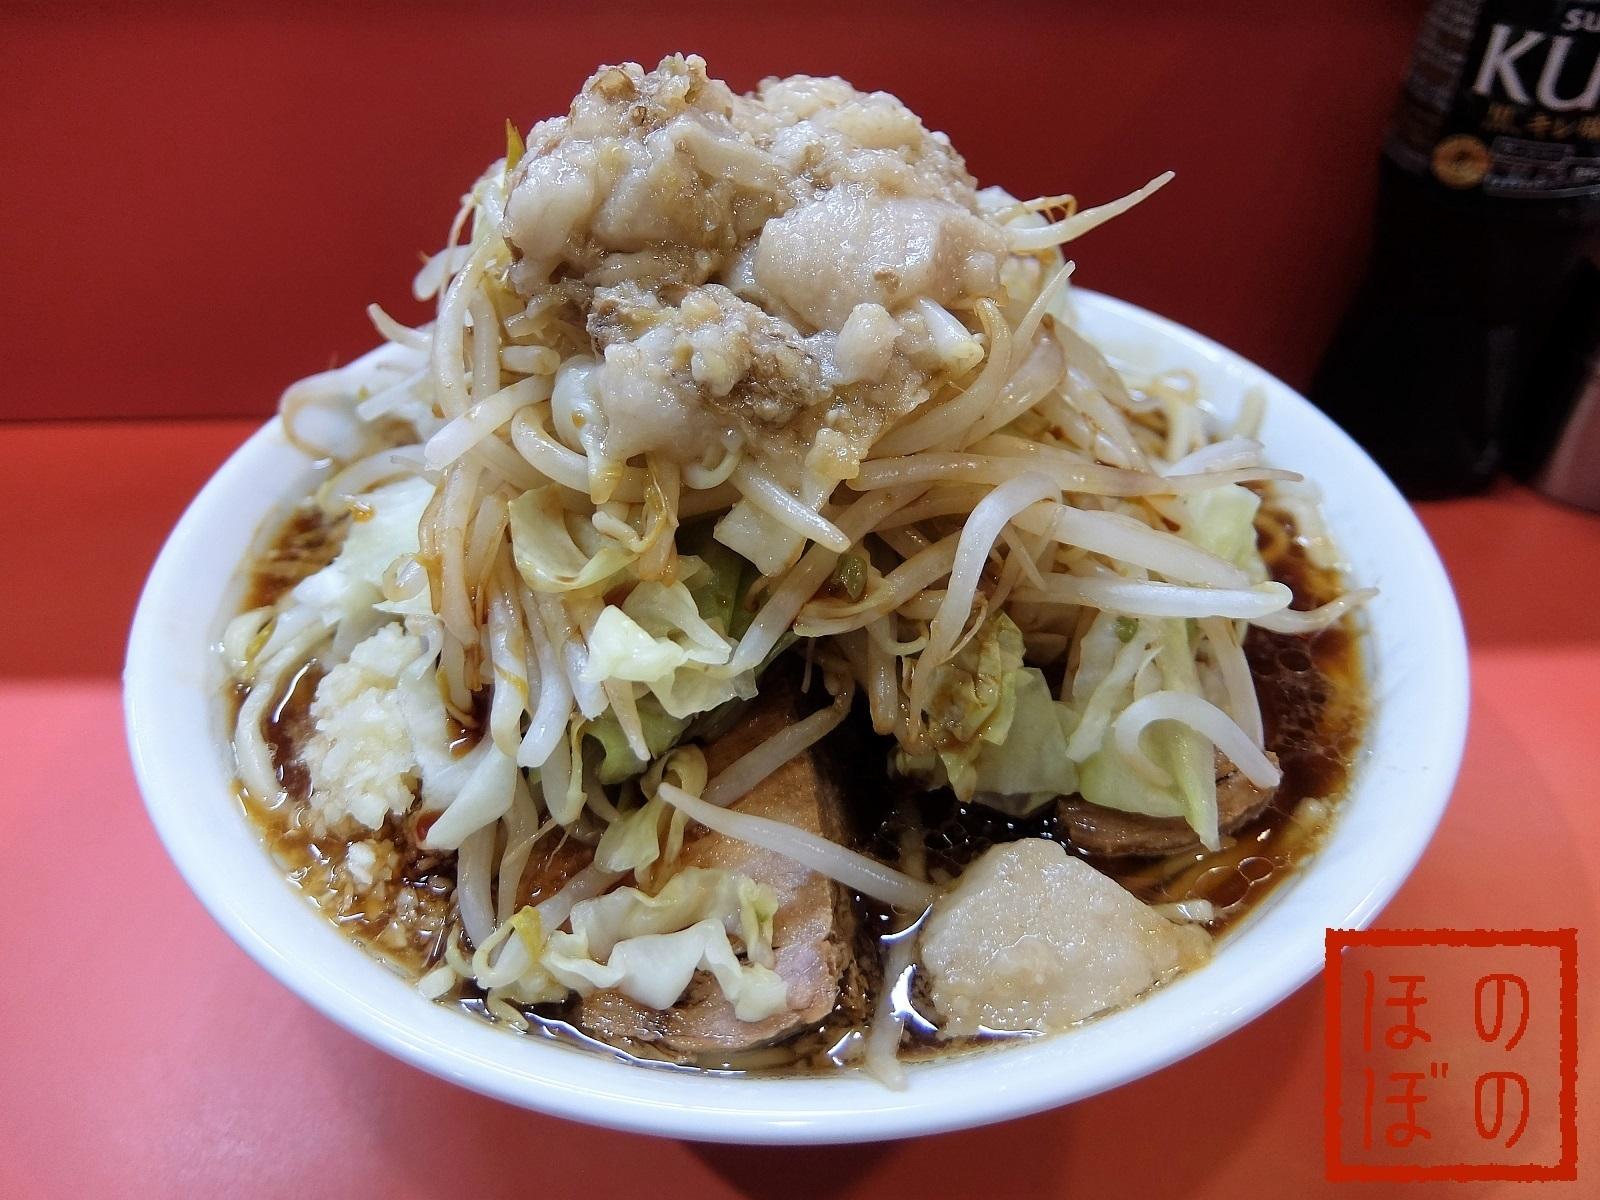 sengawa-jirou54.jpg